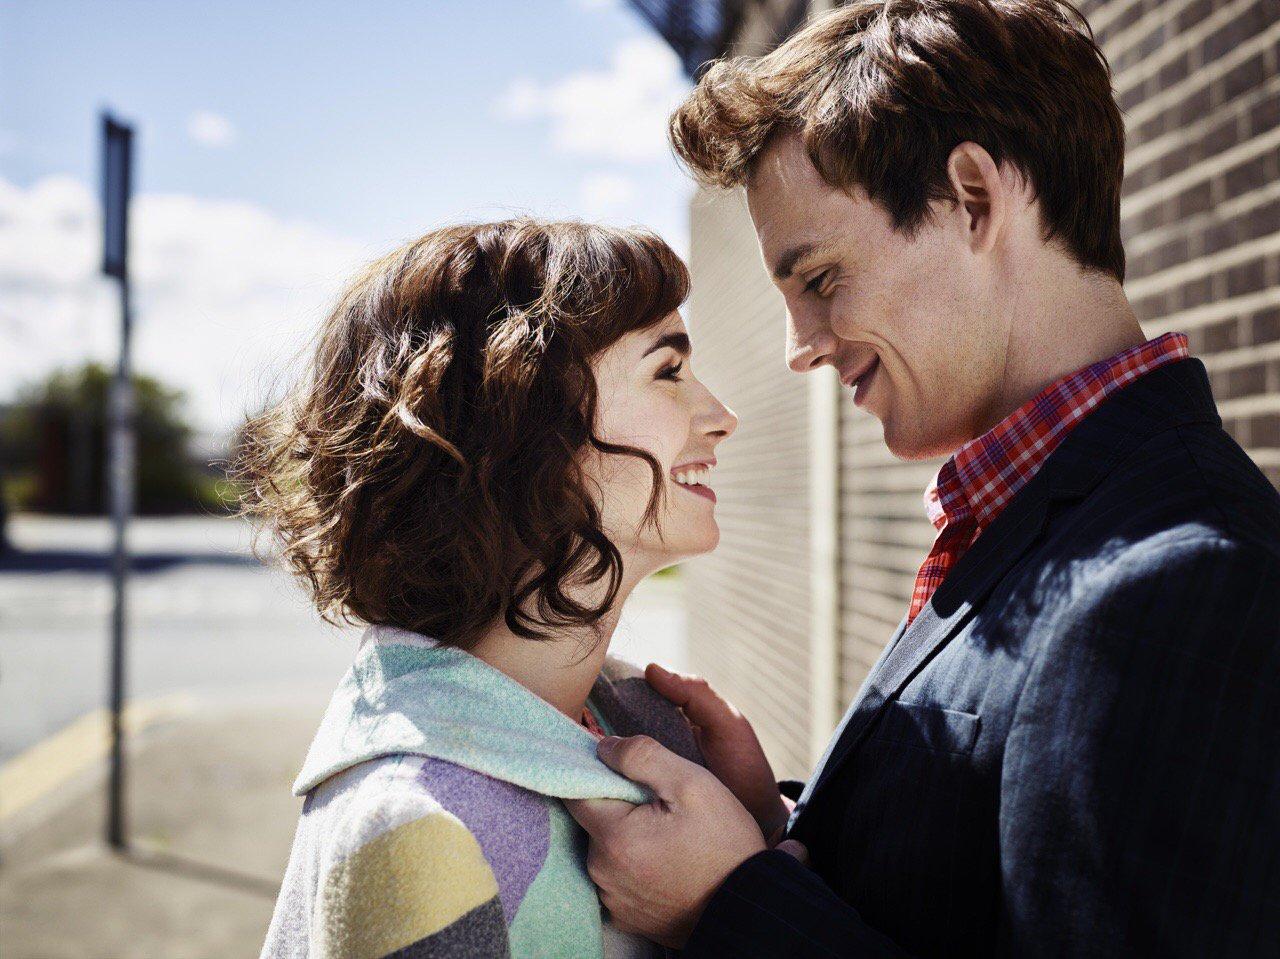 психология отношения, отношения между мужчиной и женщиной